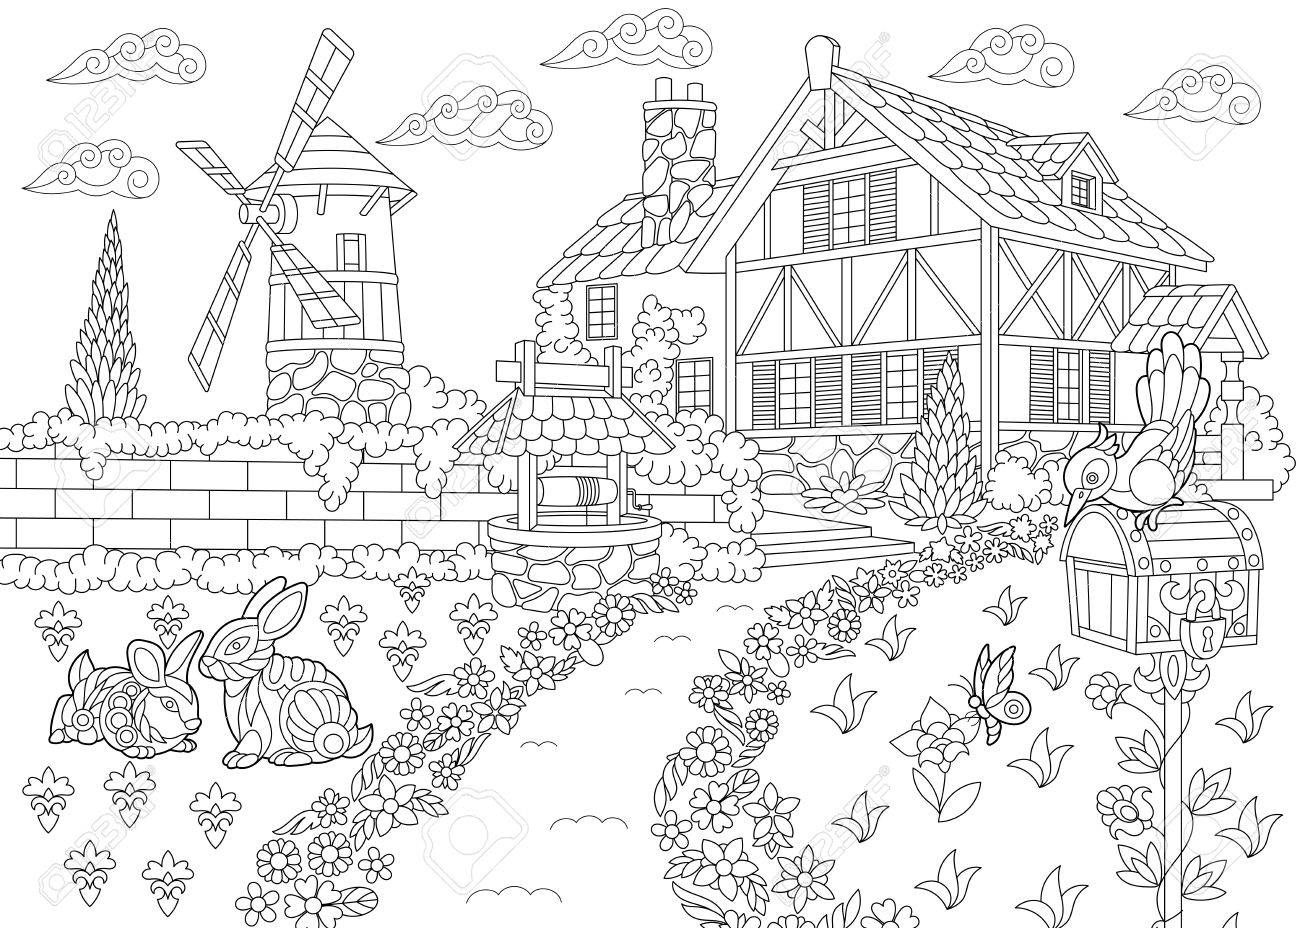 Coloriage Du Paysage Rural Ferme Moulin A Vent Puits D Eau